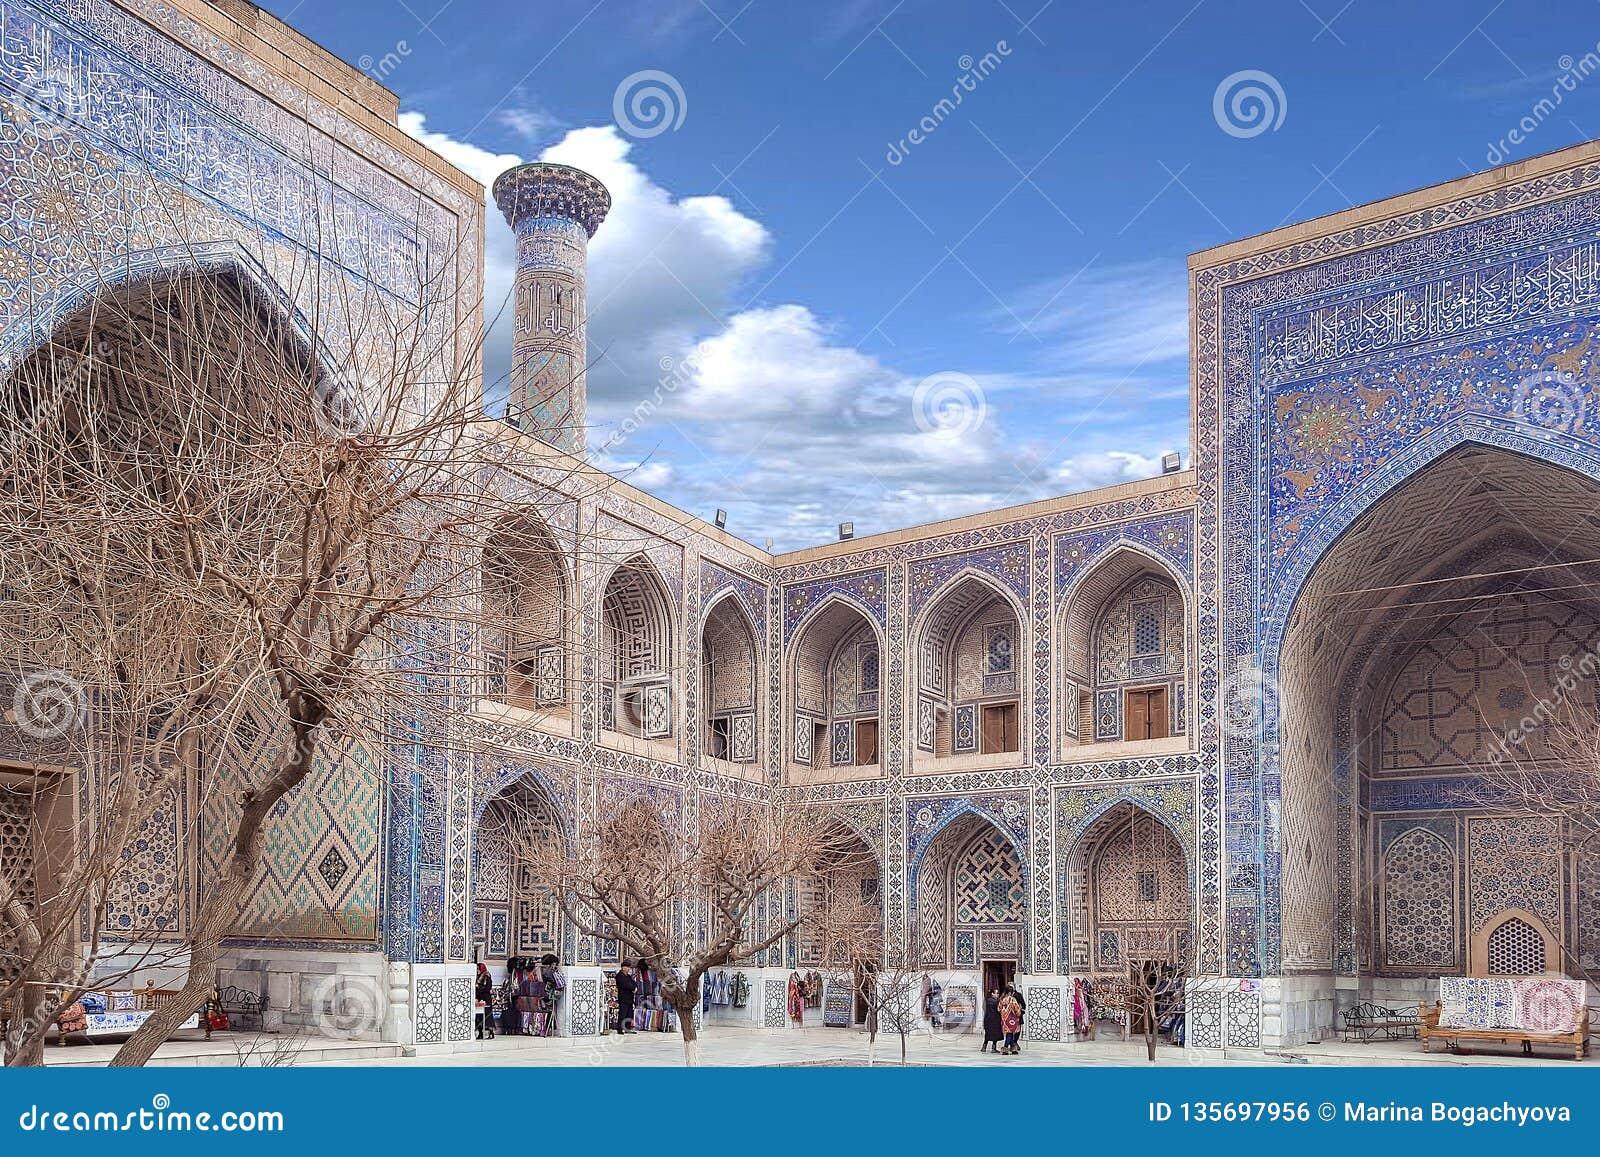 En diciembre de 2018, Uzbekistán, Samarkand, cuadrado de Registan, Madrasa Sherdor 'residente de los leones '